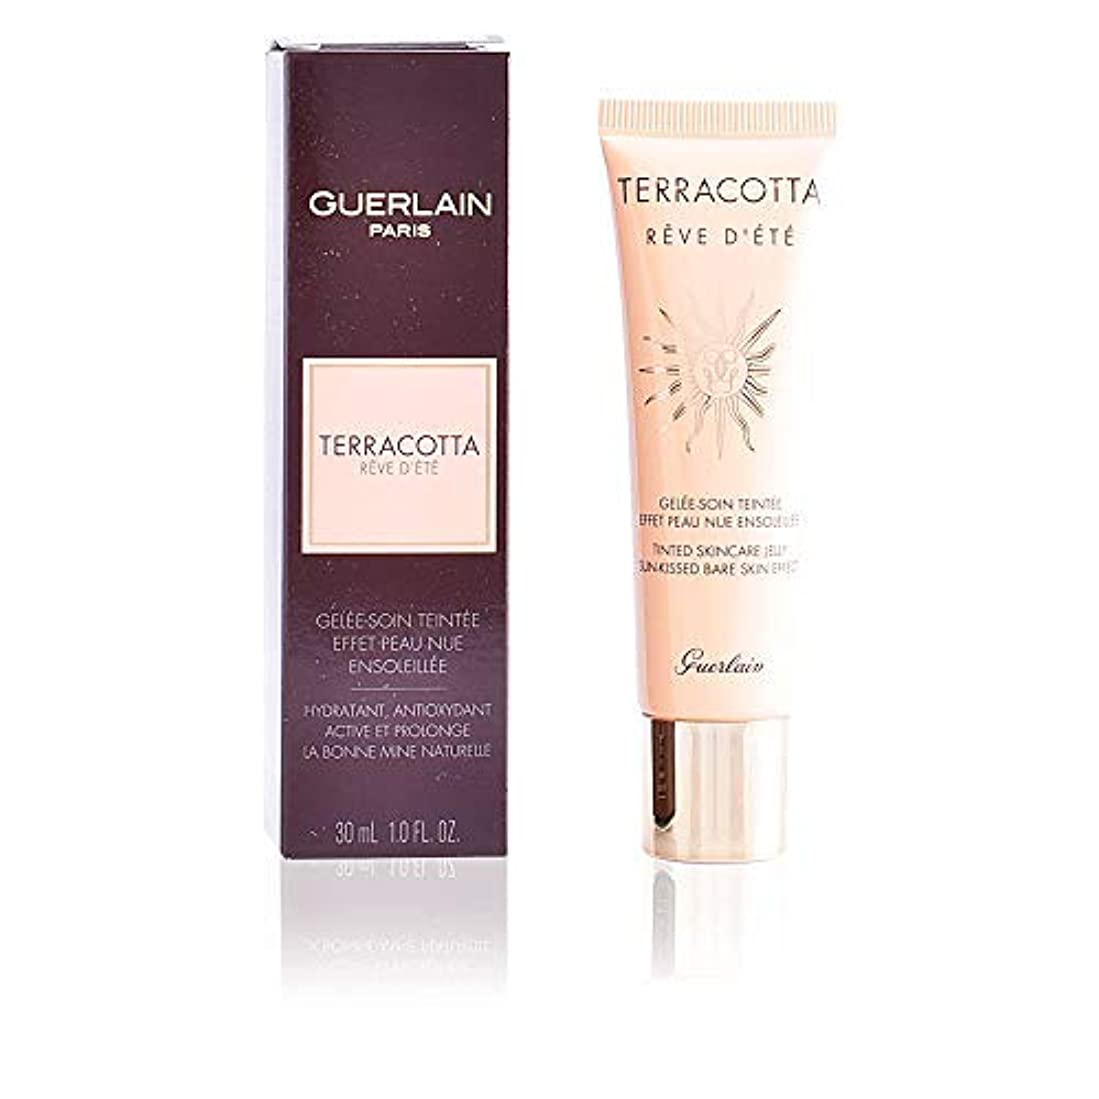 ゲラン Terracotta Reve D'ete Tinted Skincare Jelly - # Light 30ml/1oz並行輸入品